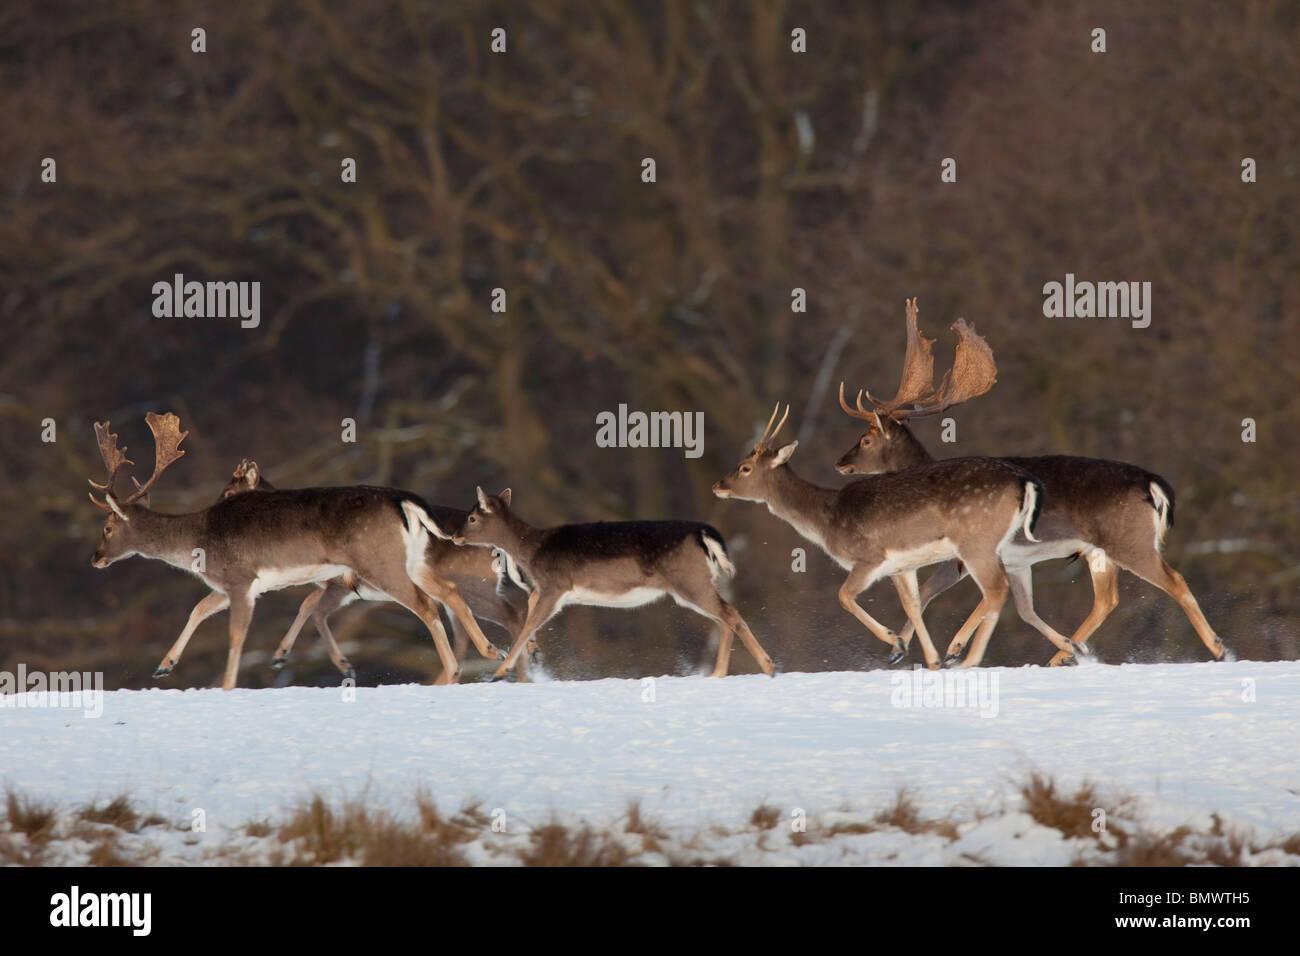 El gamo (Dama dama). Huyendo de grupo en invierno. Imagen De Stock